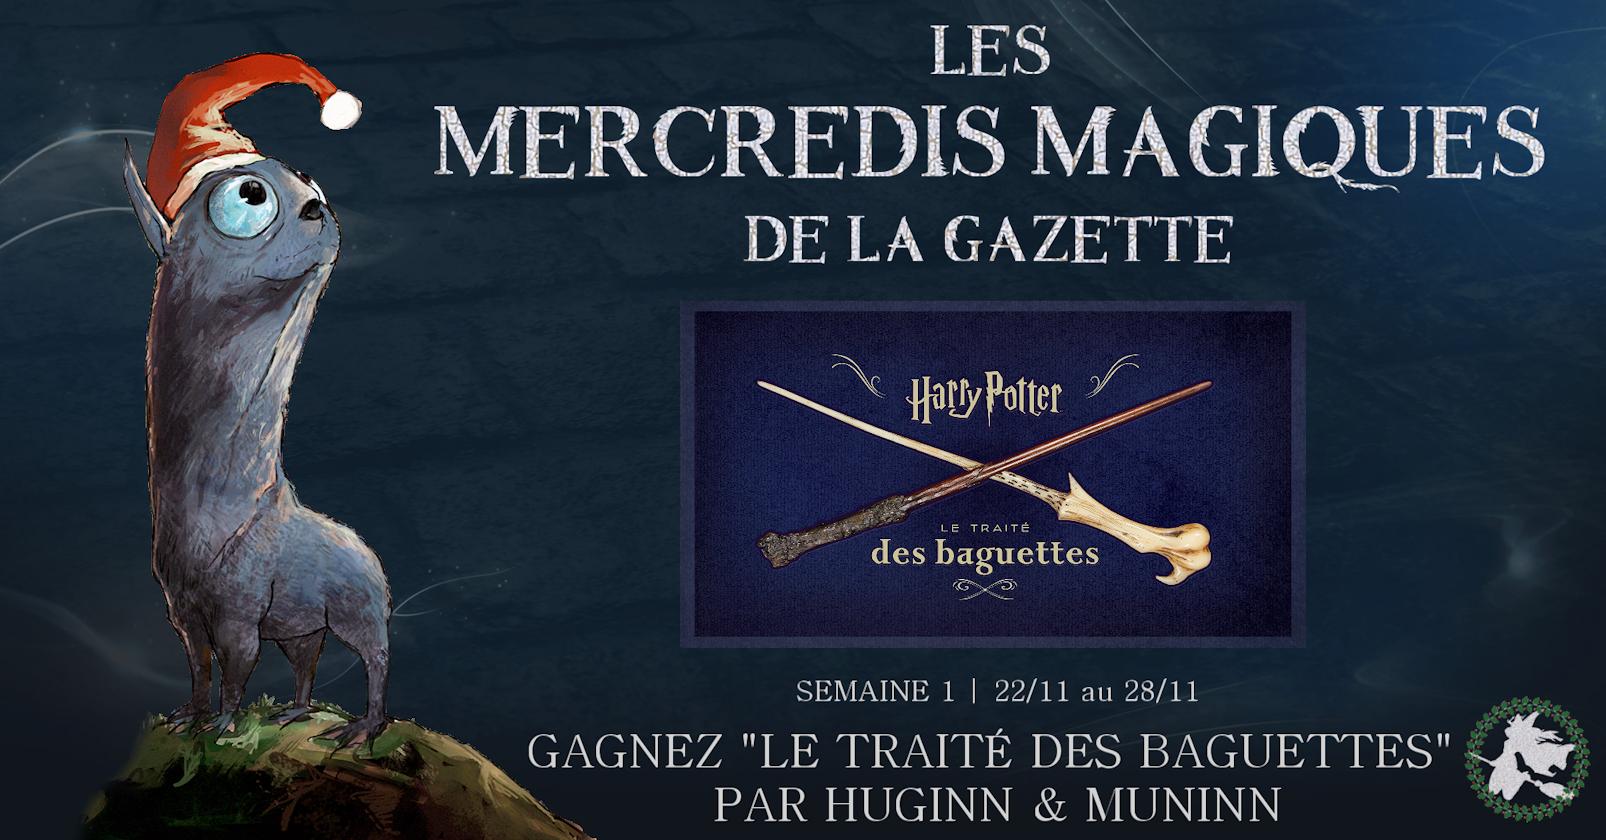 CONCOURS 'Mercredis magiques' : Gagnez un exemplaire du traité des baguettes !